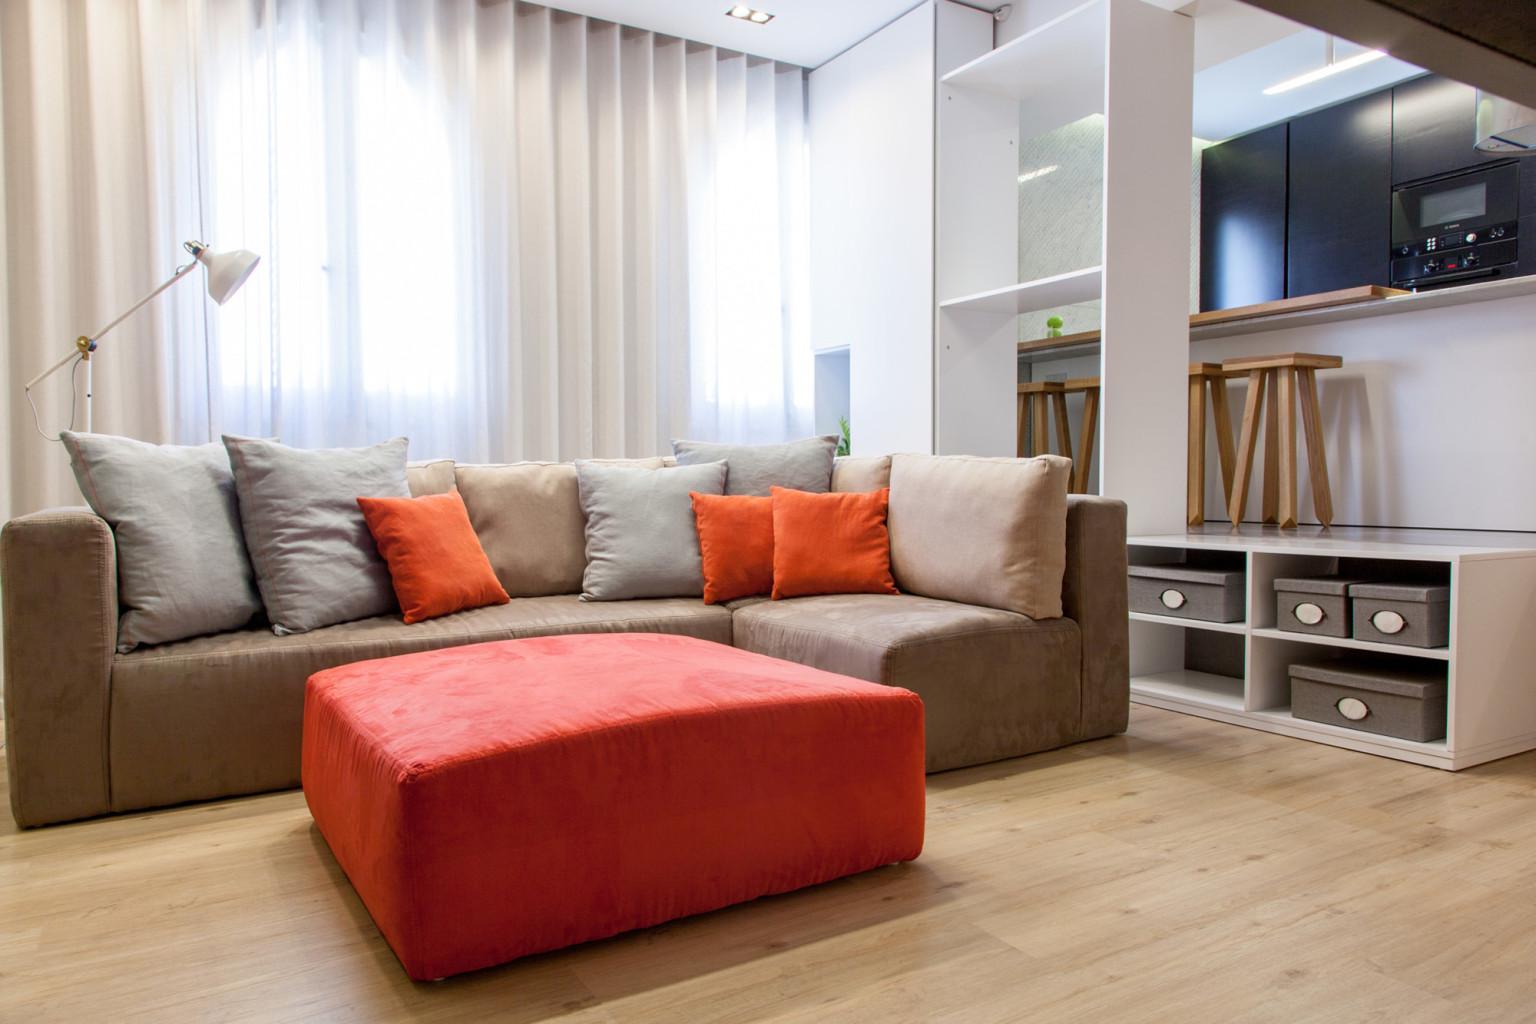 sliema-apartment-hr-62711